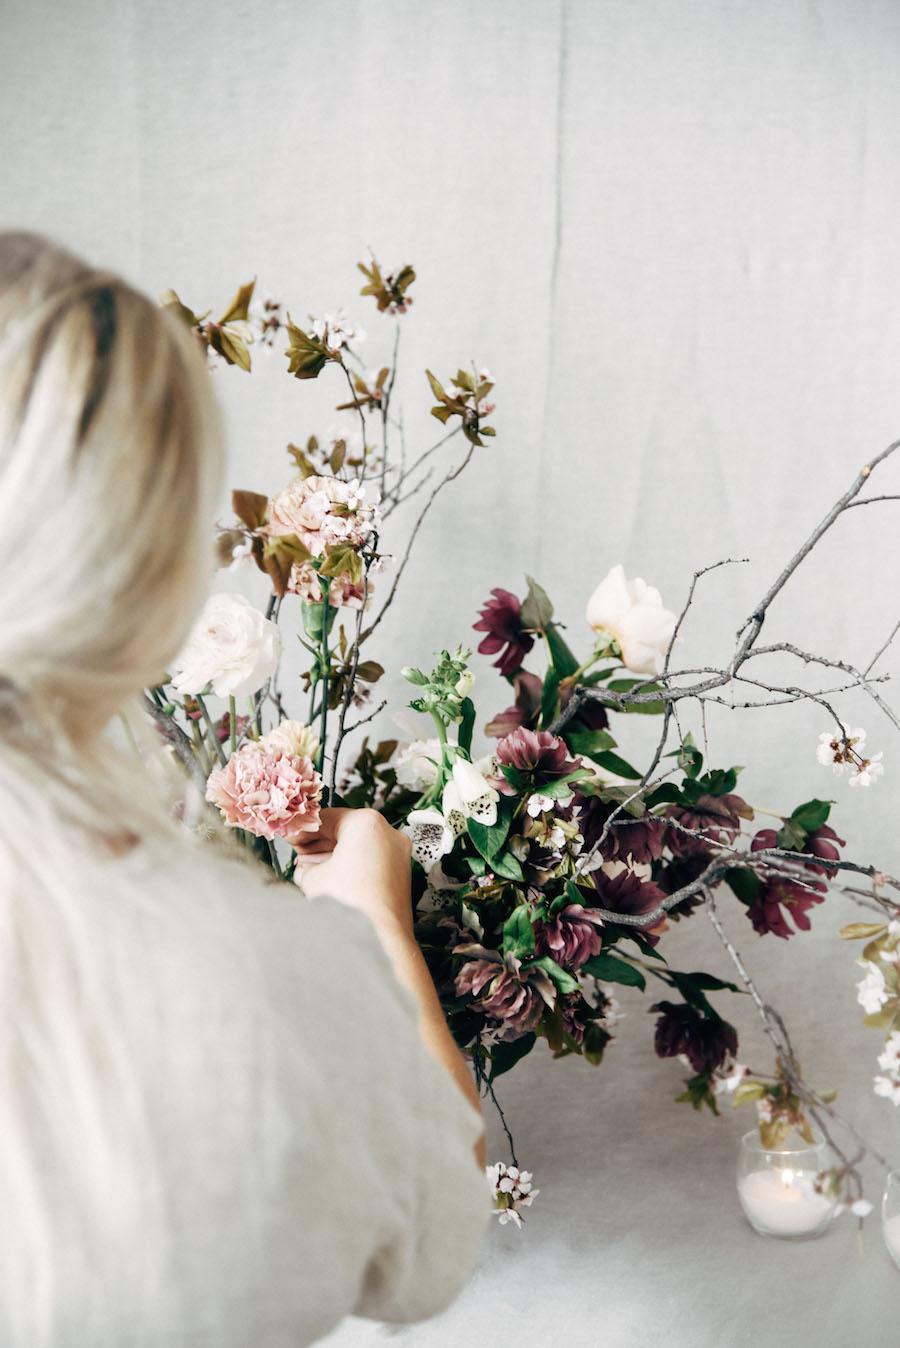 Nicole Land of Soil & Stem adjusting a flower arrangement at her Spring Floral Design Workshop now featured on Cottage Hill